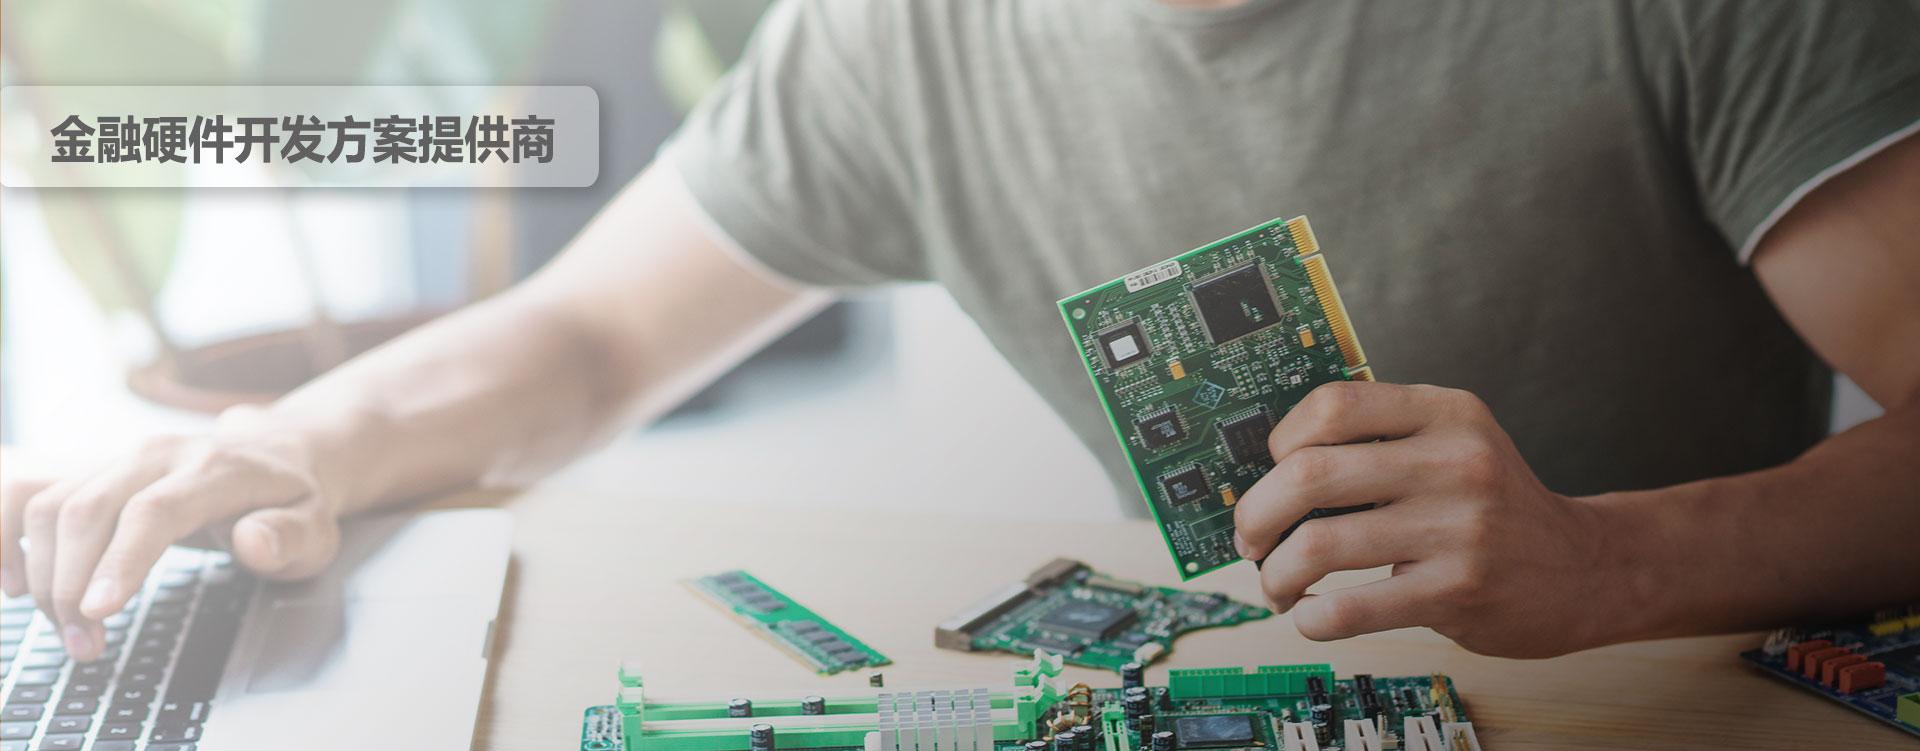 金融科技硬件开发供应商